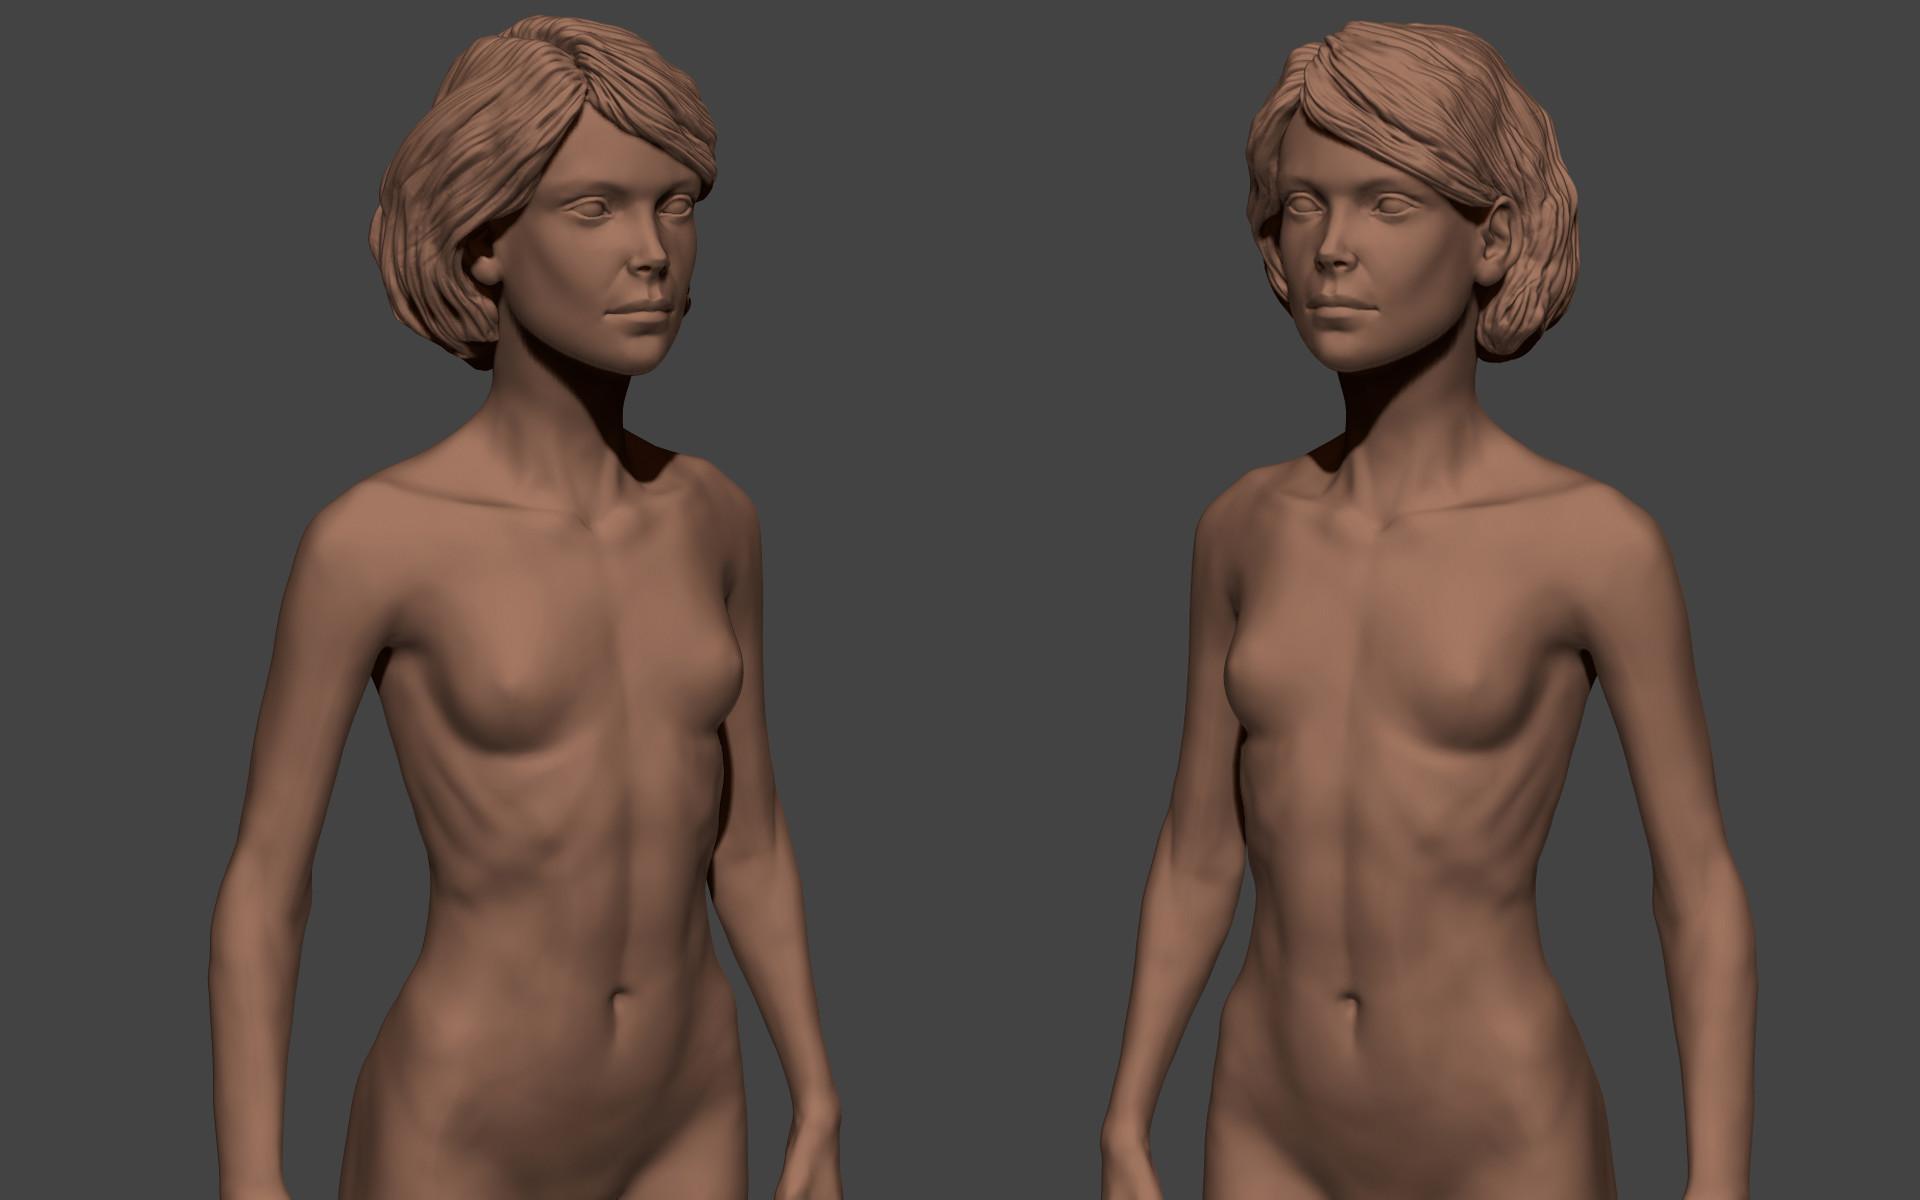 Ilhan yilmaz female anatomy study 03